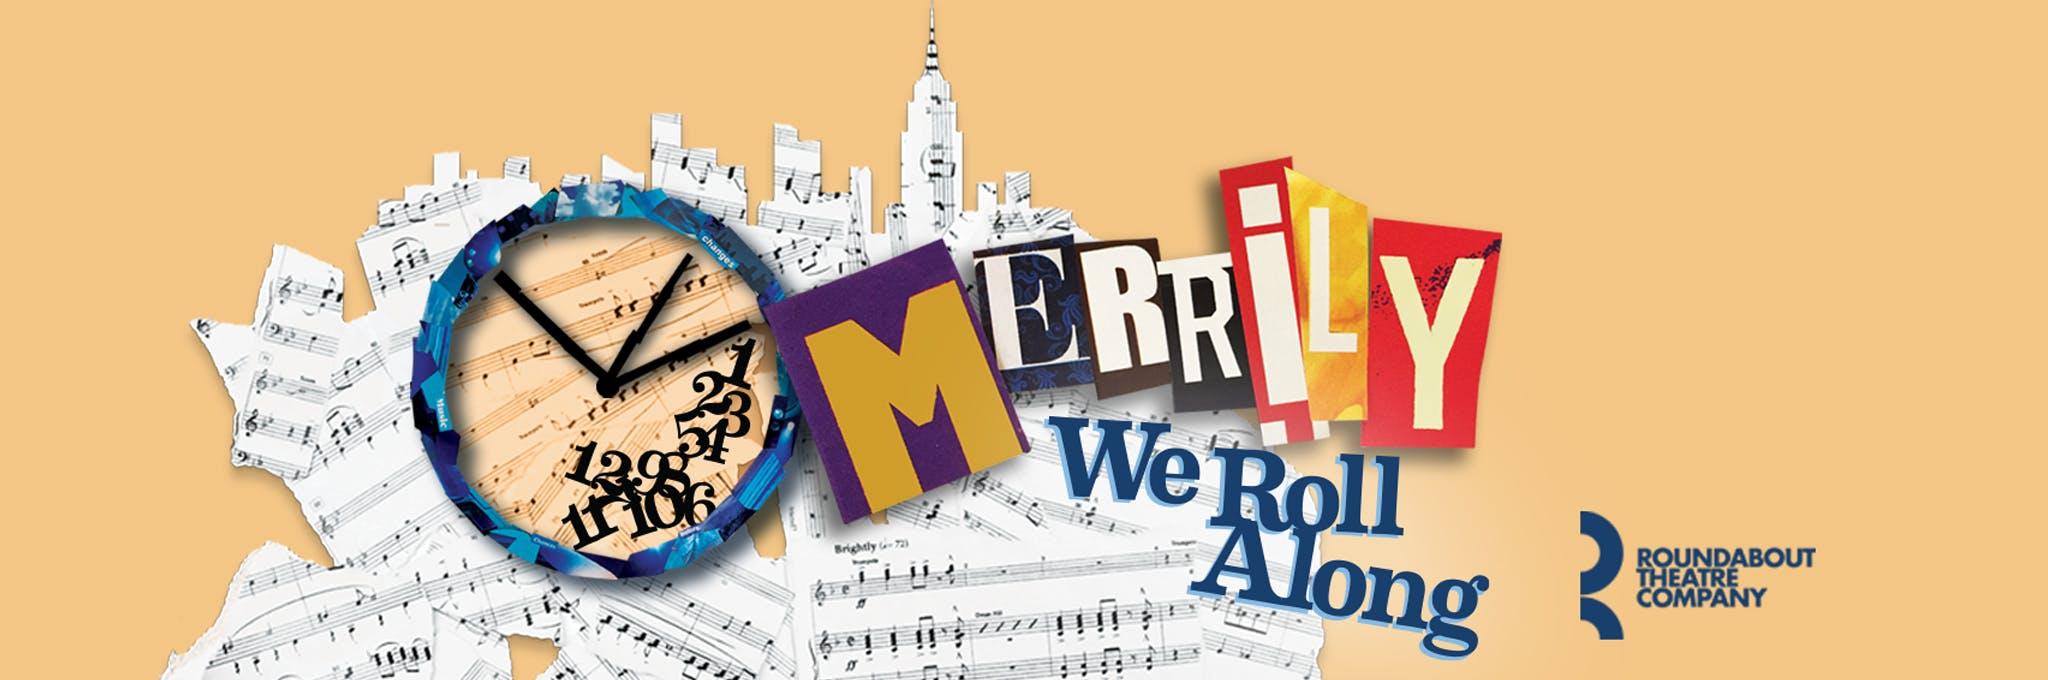 Merrily We Roll Along Logo